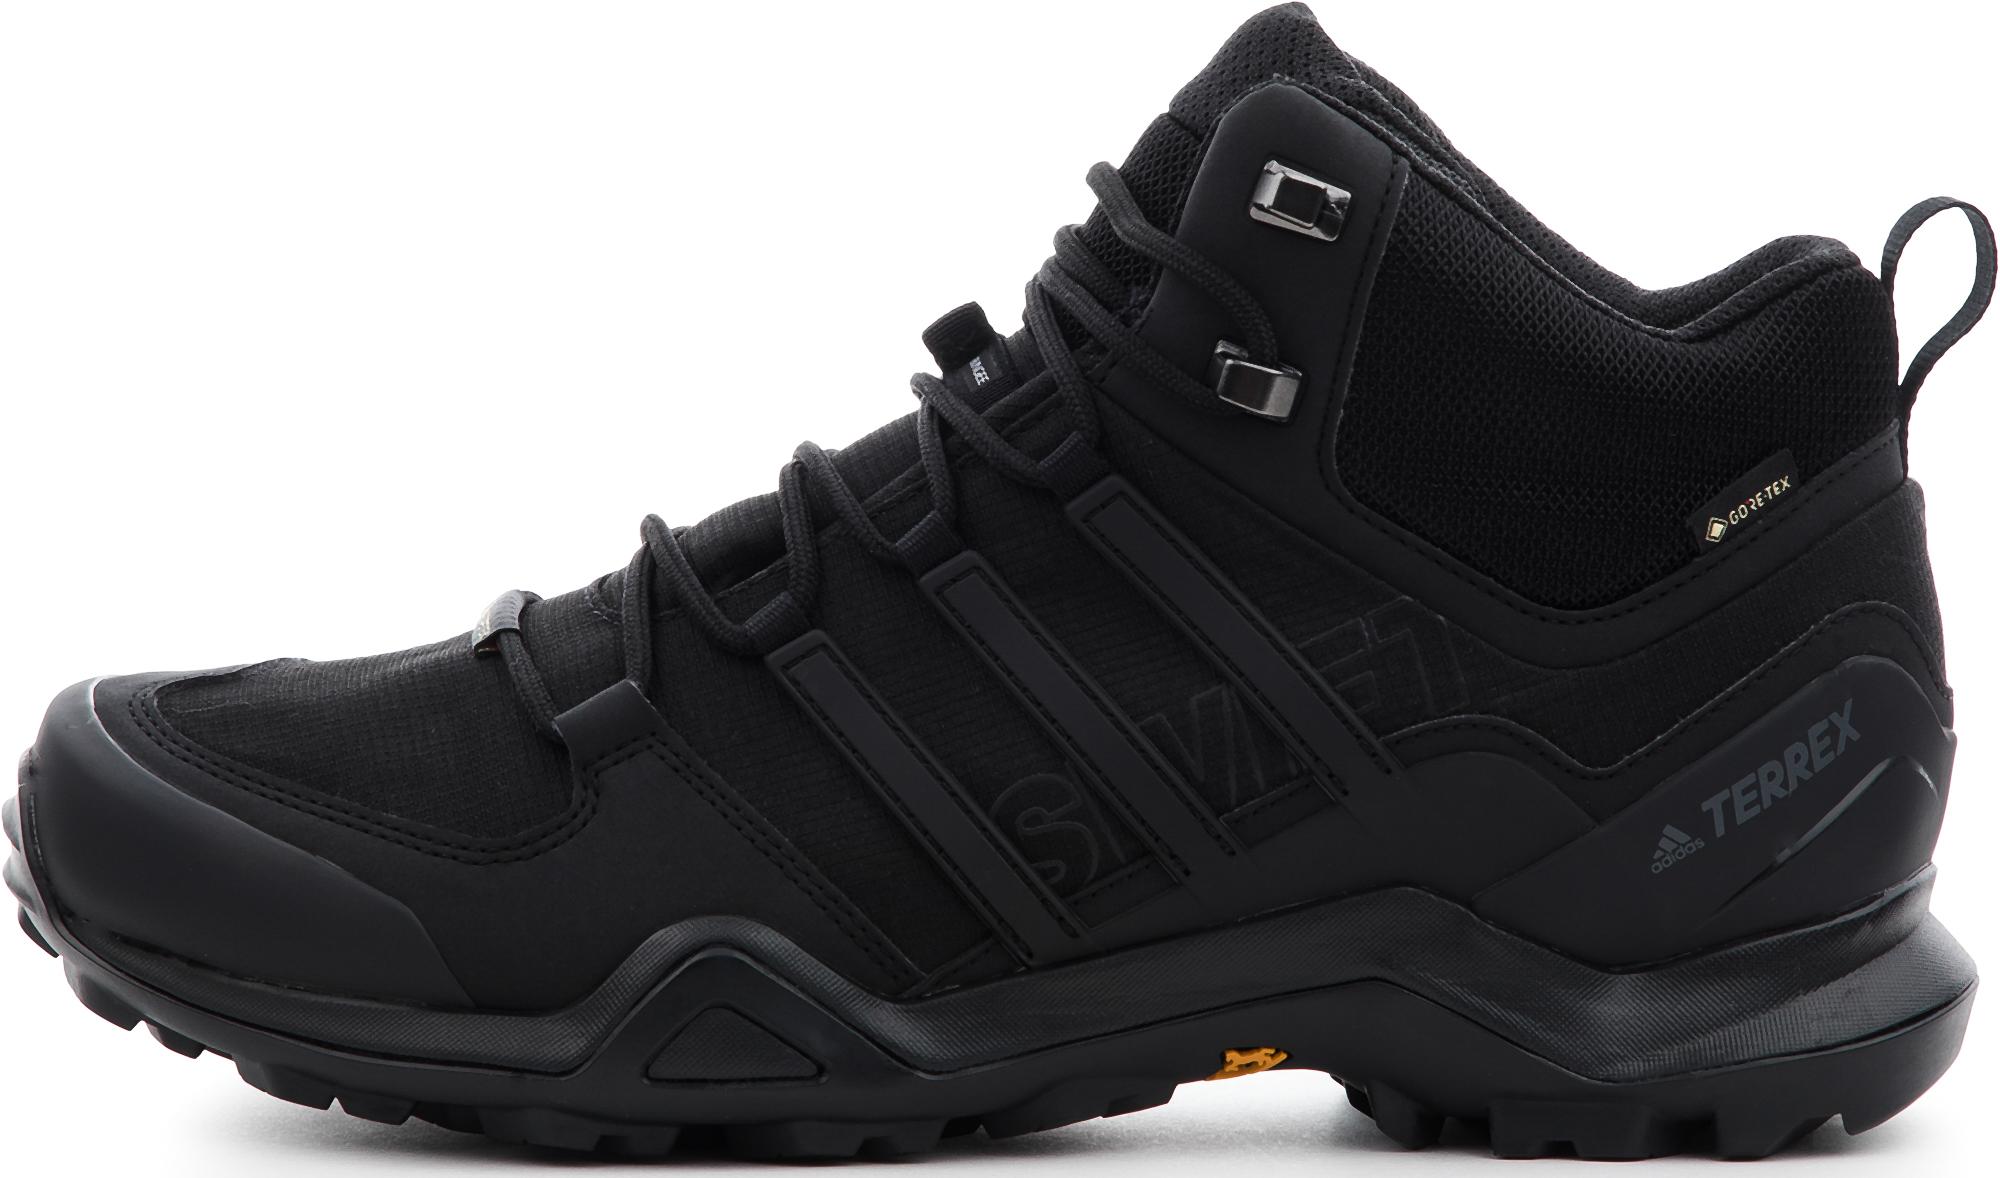 Adidas Ботинки мужские Terrex Swift R2, размер 44